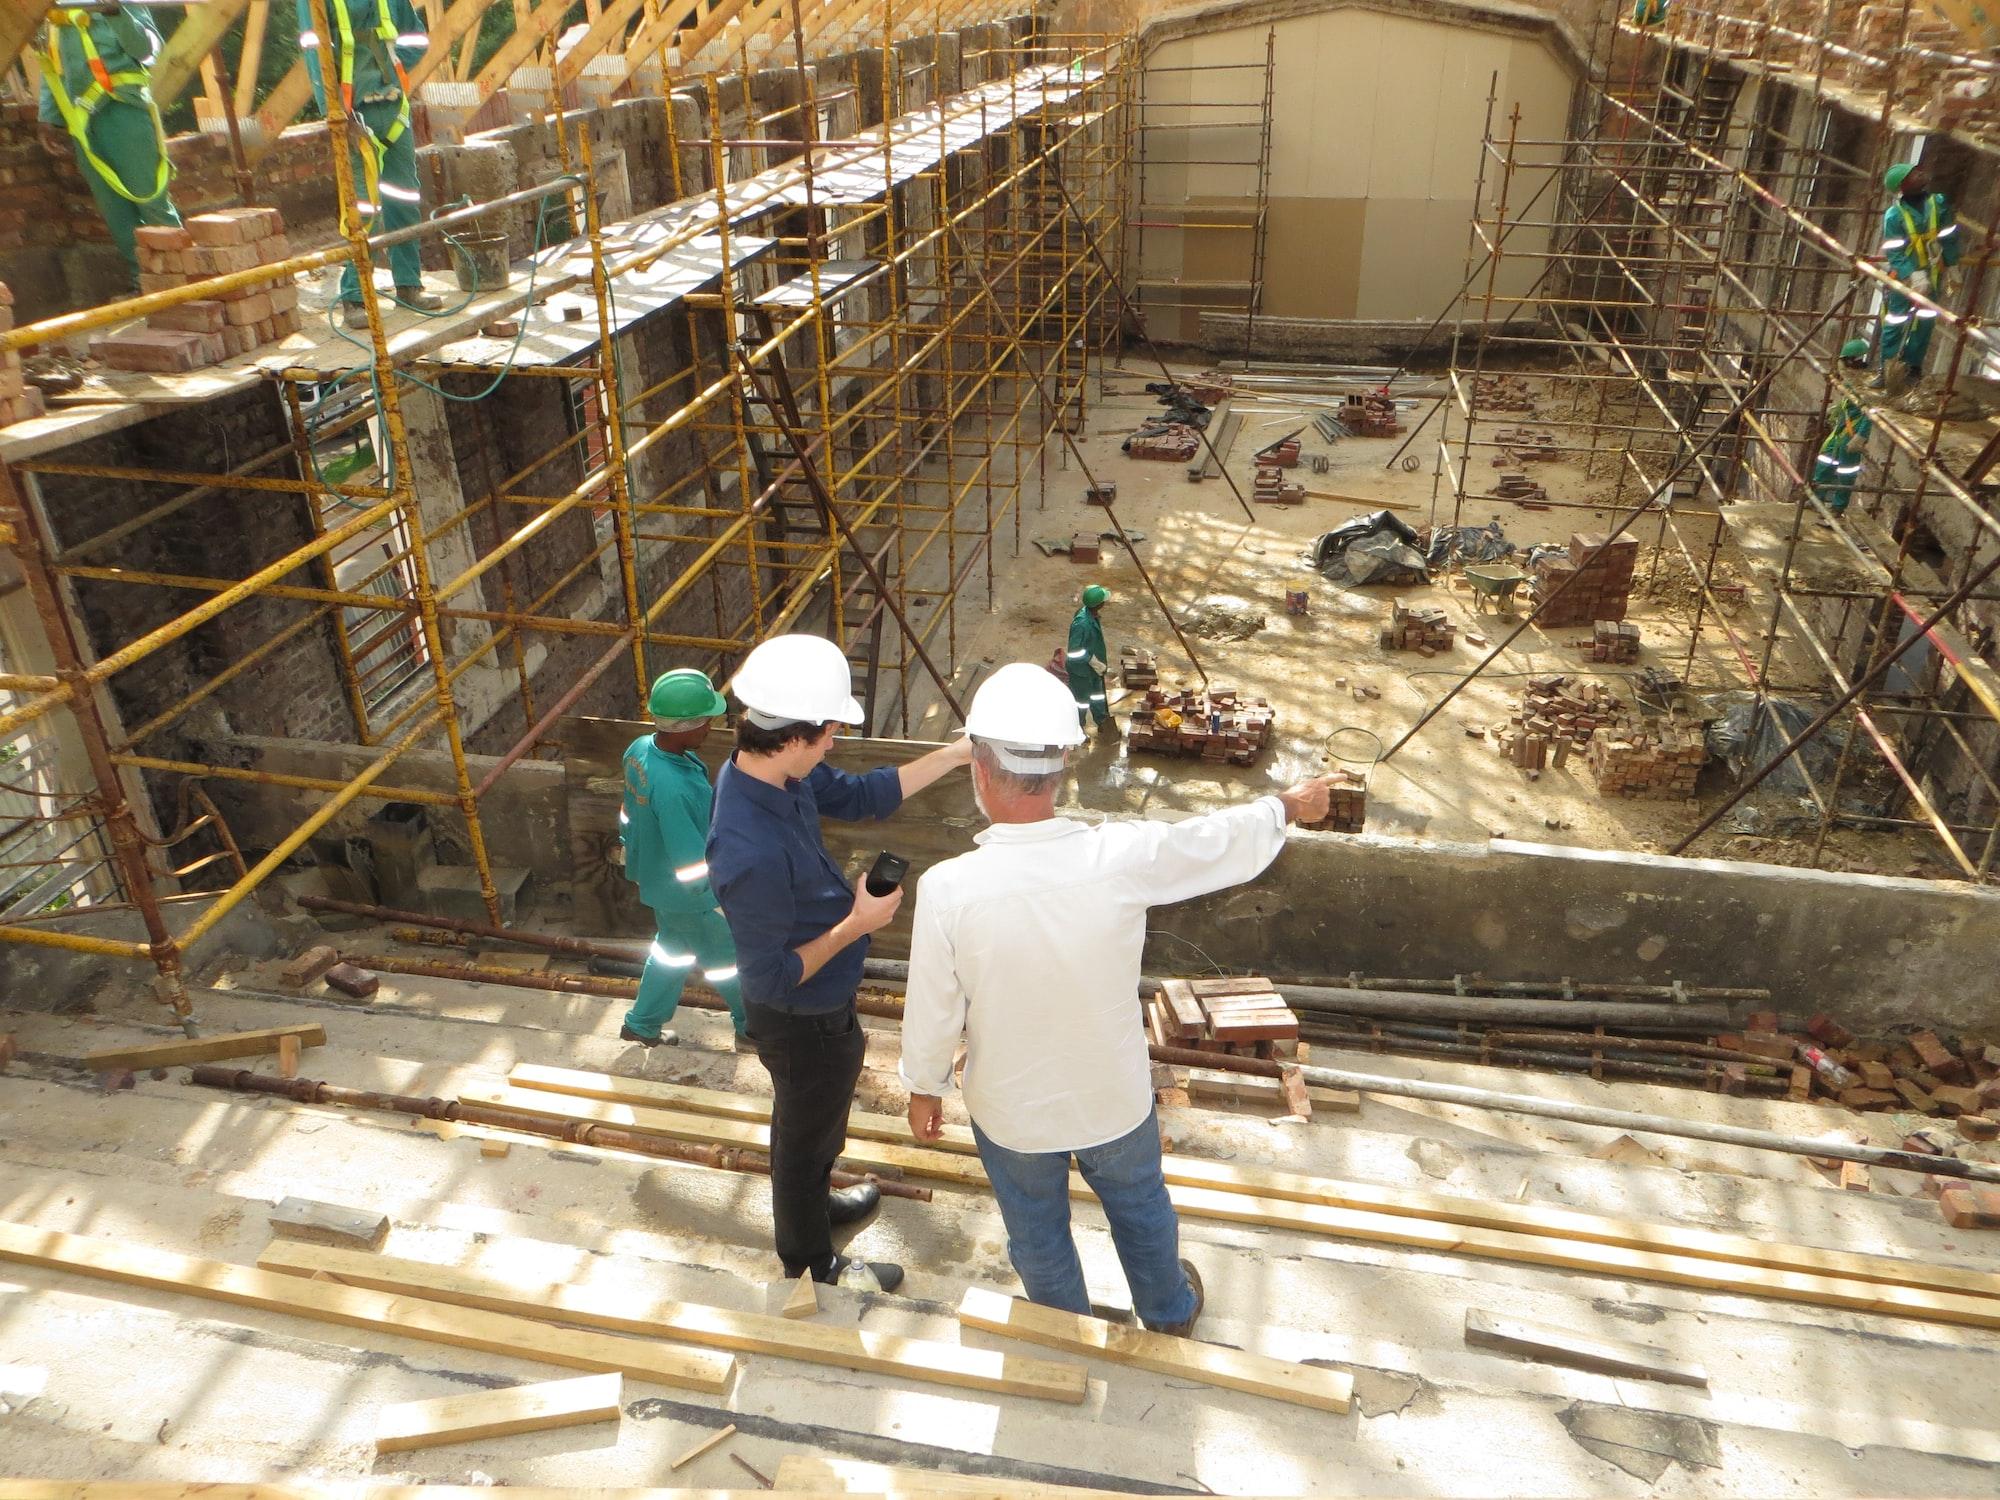 Arquiteto e gestor da indústria da construção civil conferindo uma obra.